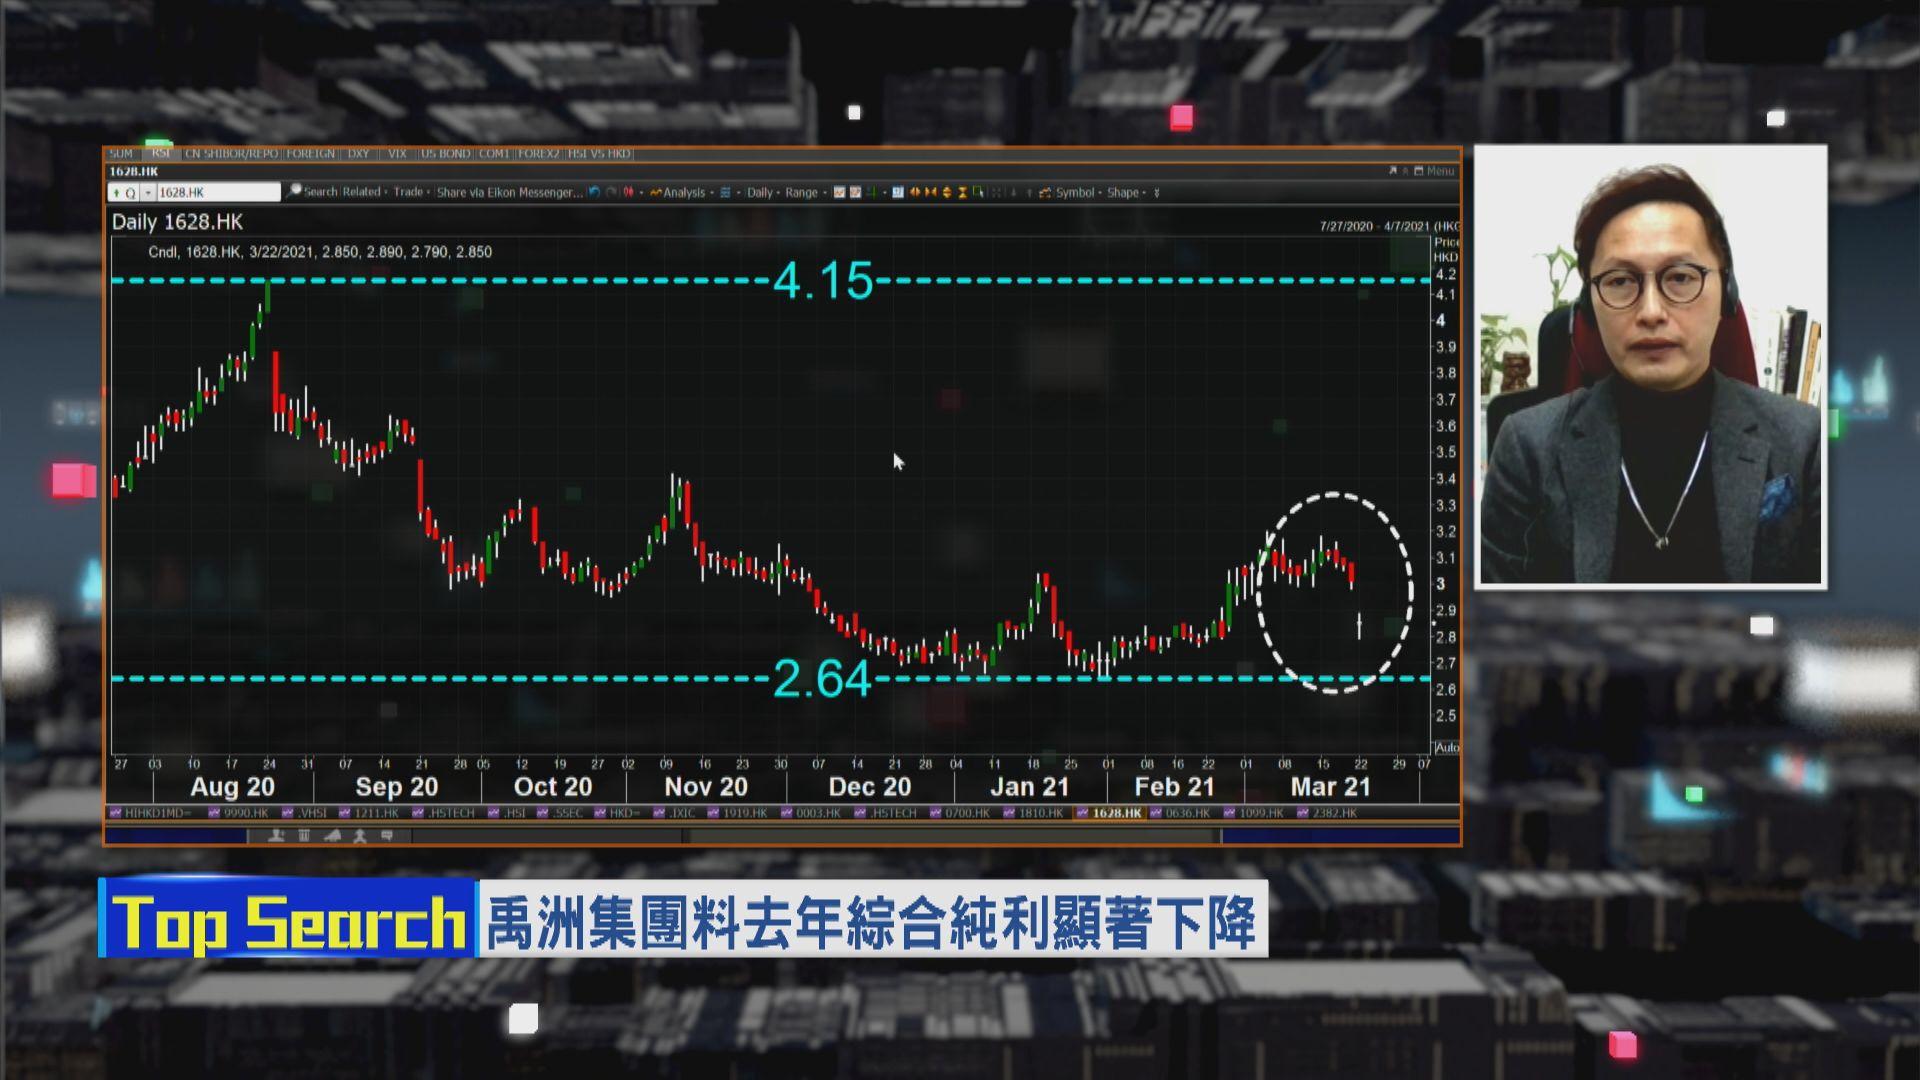 【財經TOP SEARCH】禹洲捱沽兩大「死因」